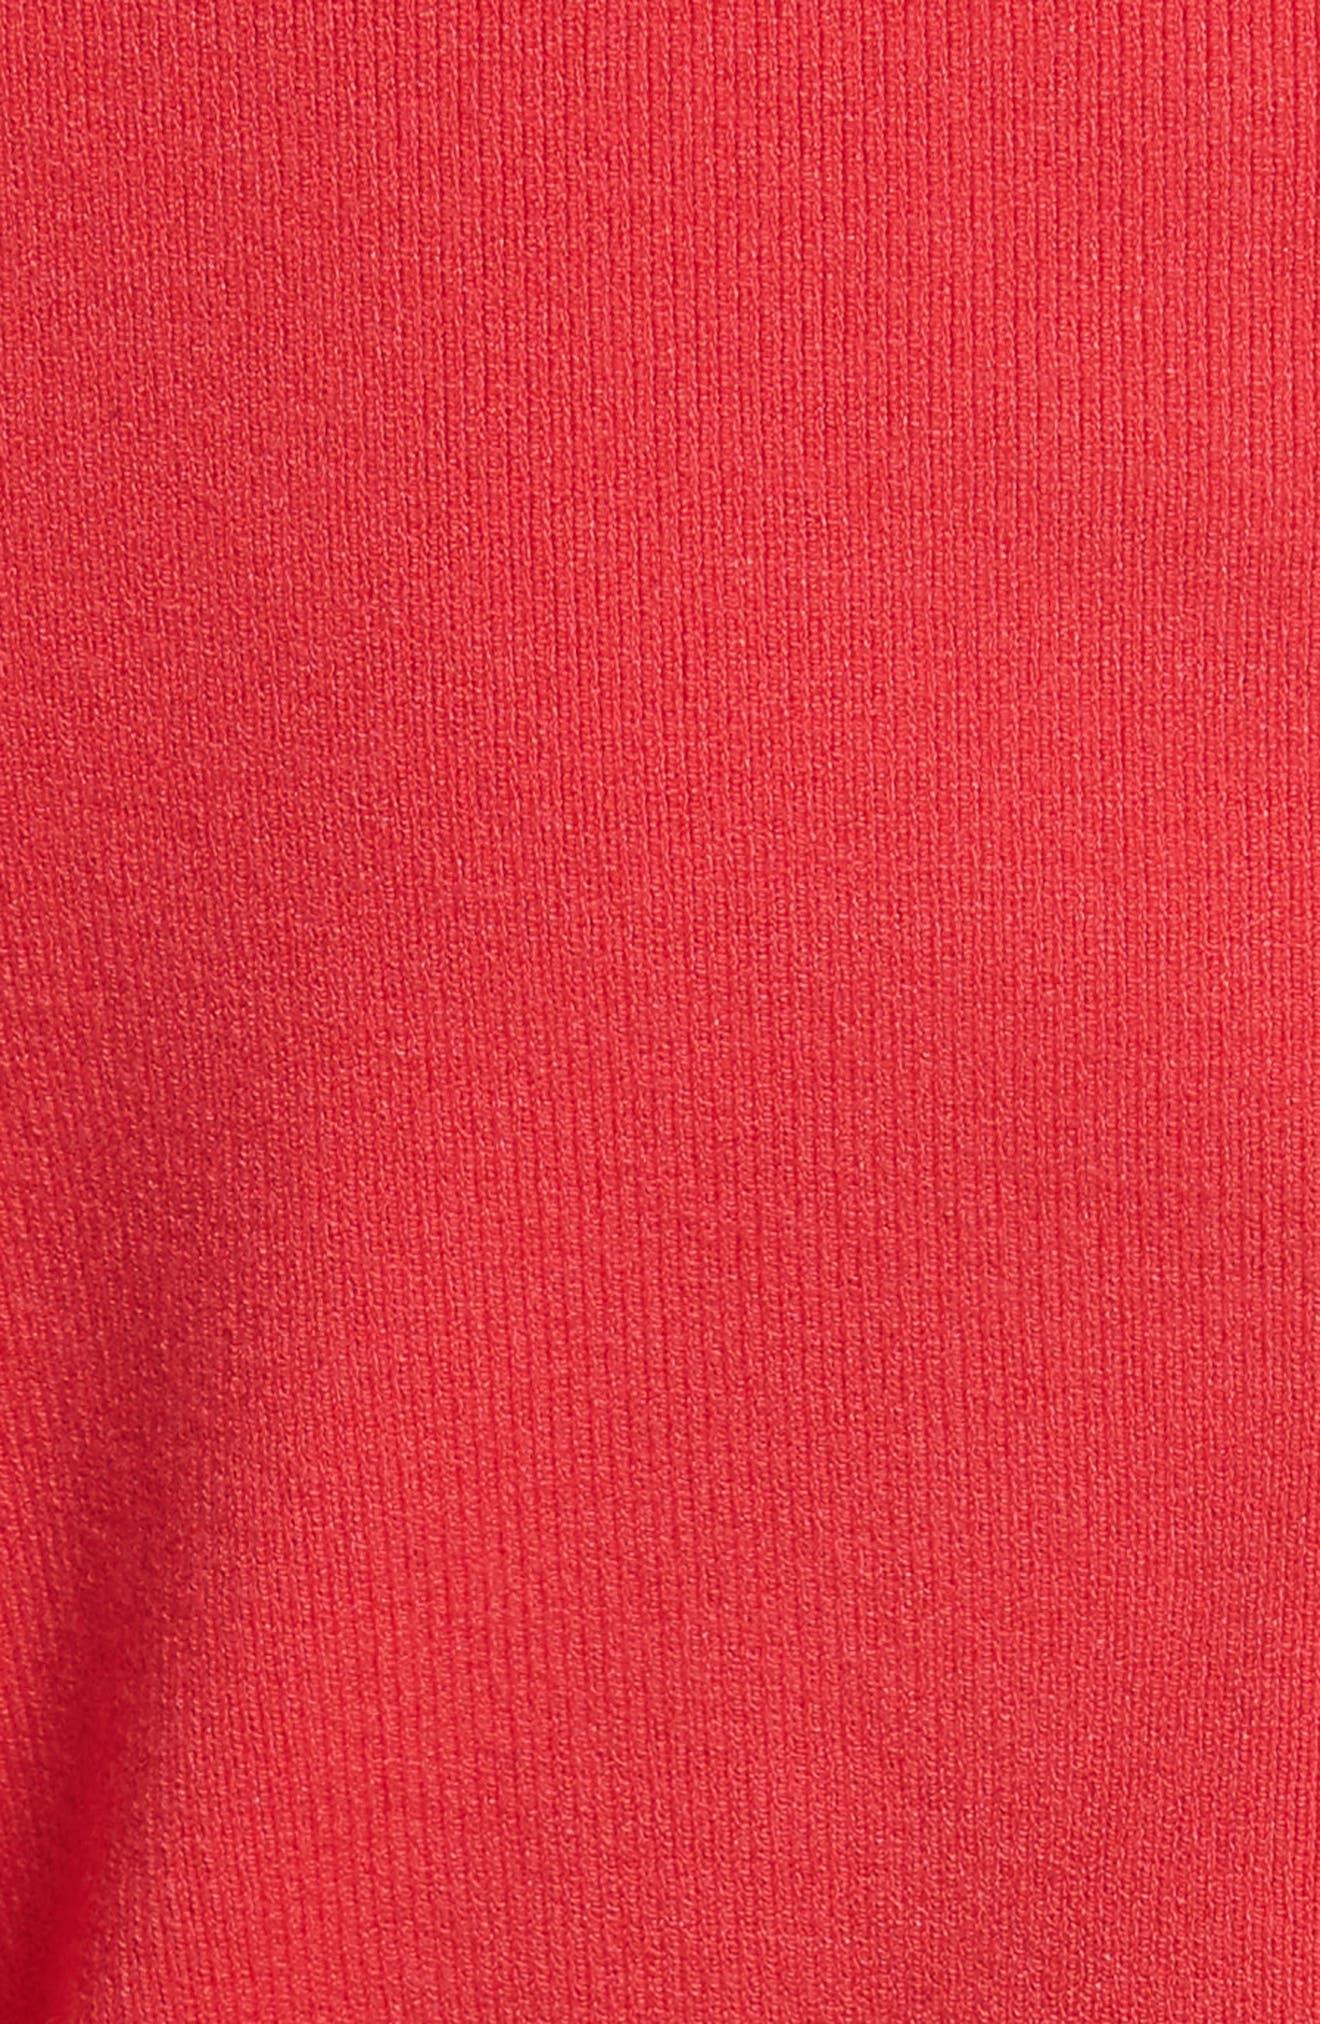 Square Neck Sheath Dress,                             Alternate thumbnail 5, color,                             625